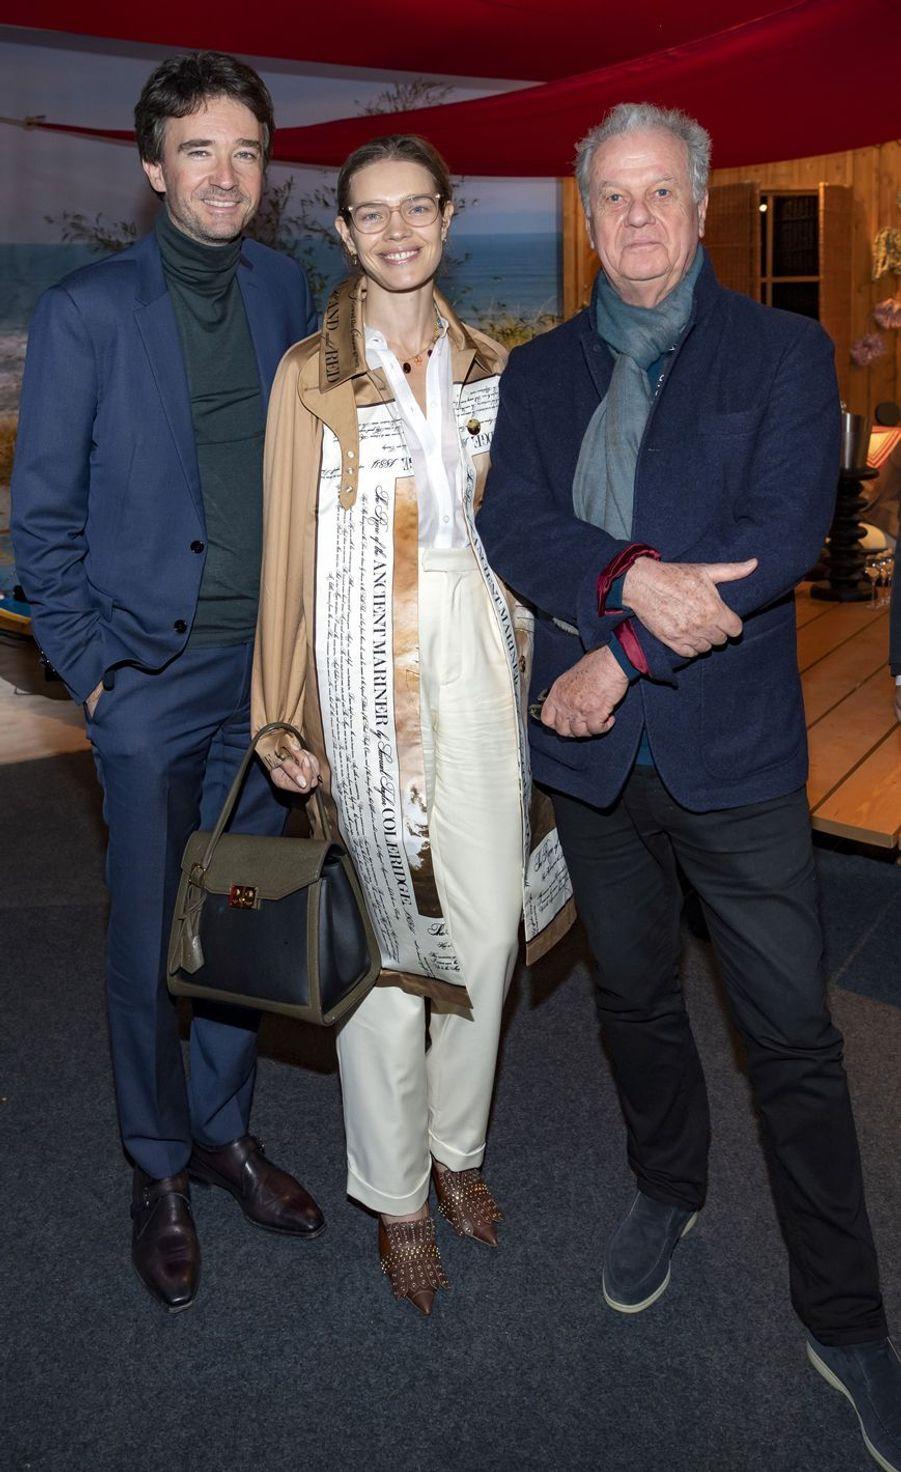 Antoine Arnault, Natalia Vodianova et Jacques Grange lors de la soirée HSBC au salon PAD (Paris Art Design) à Paris le 2 avril 2019.